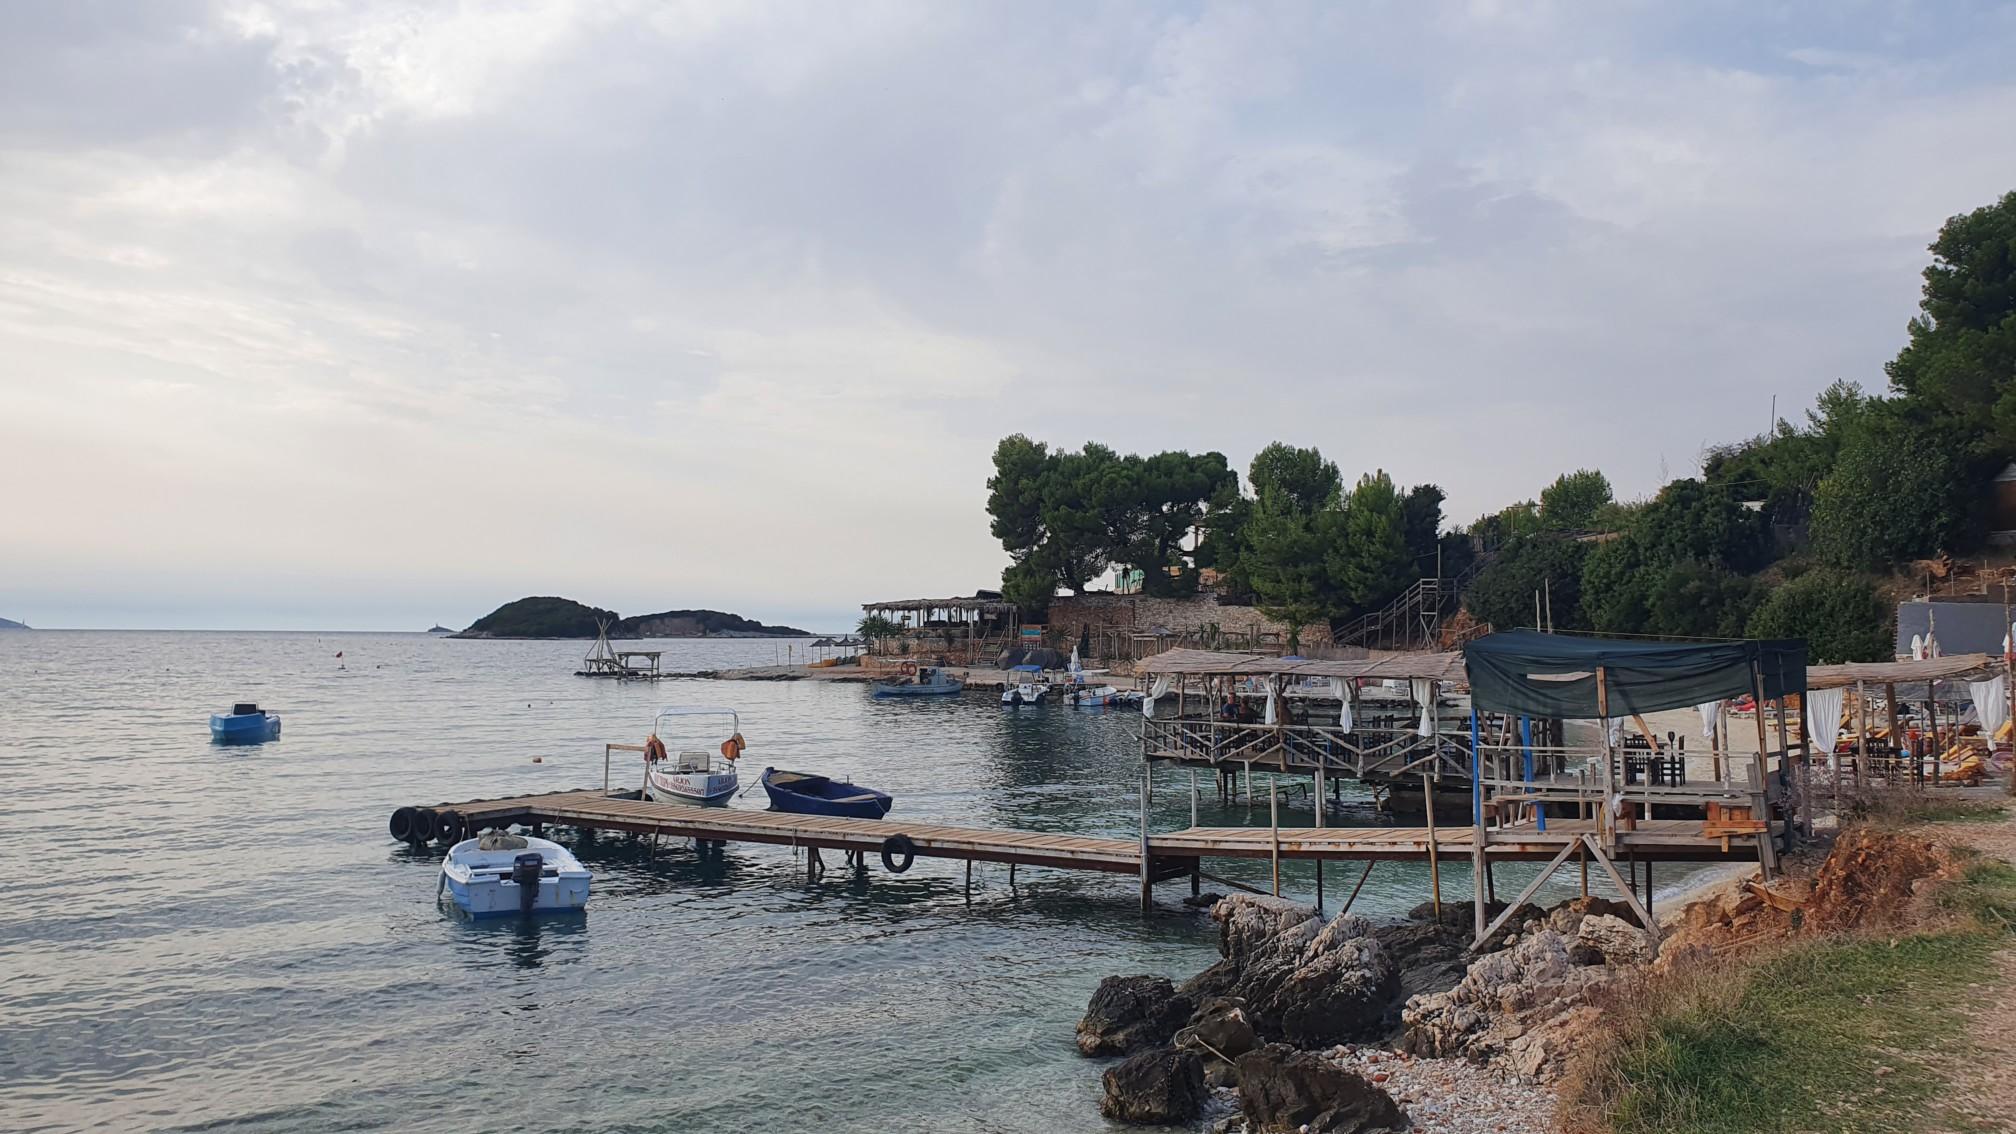 Ksamil - albanisches Bora Bora